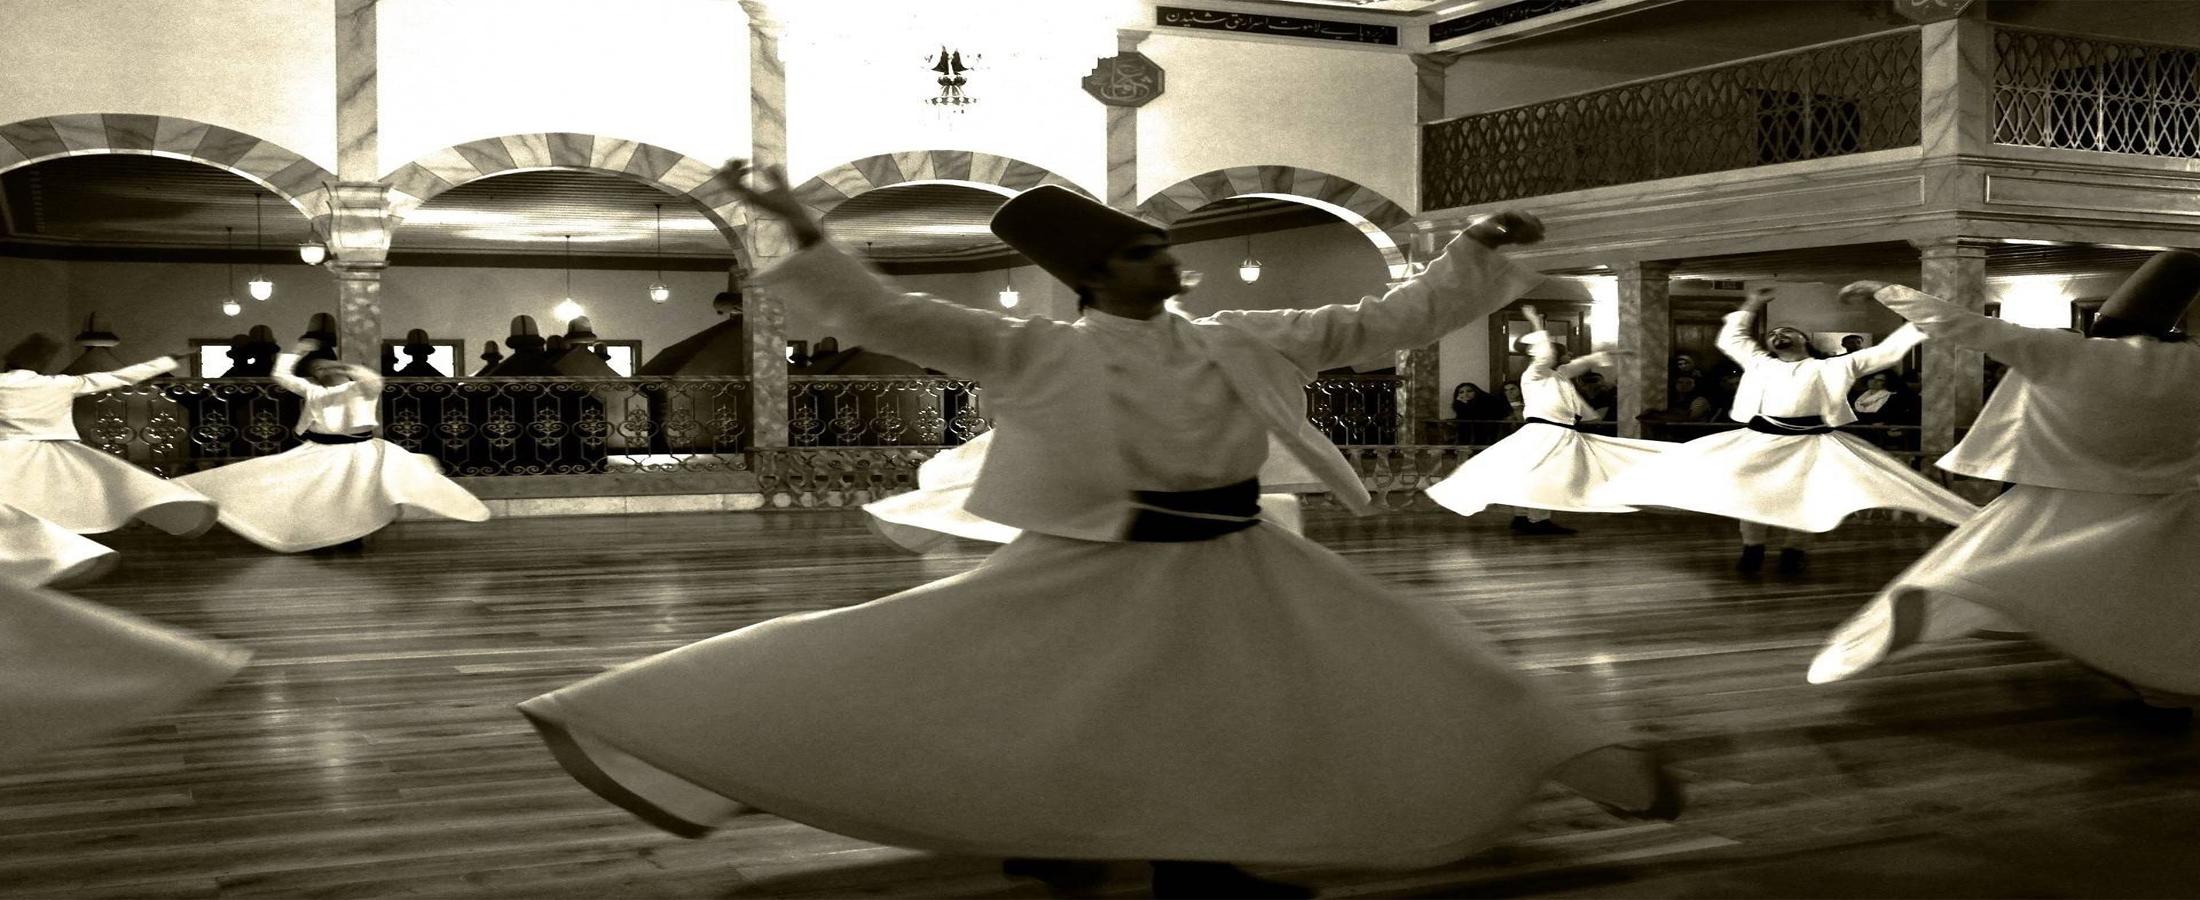 Mevlana Whirling Dervishes Konya